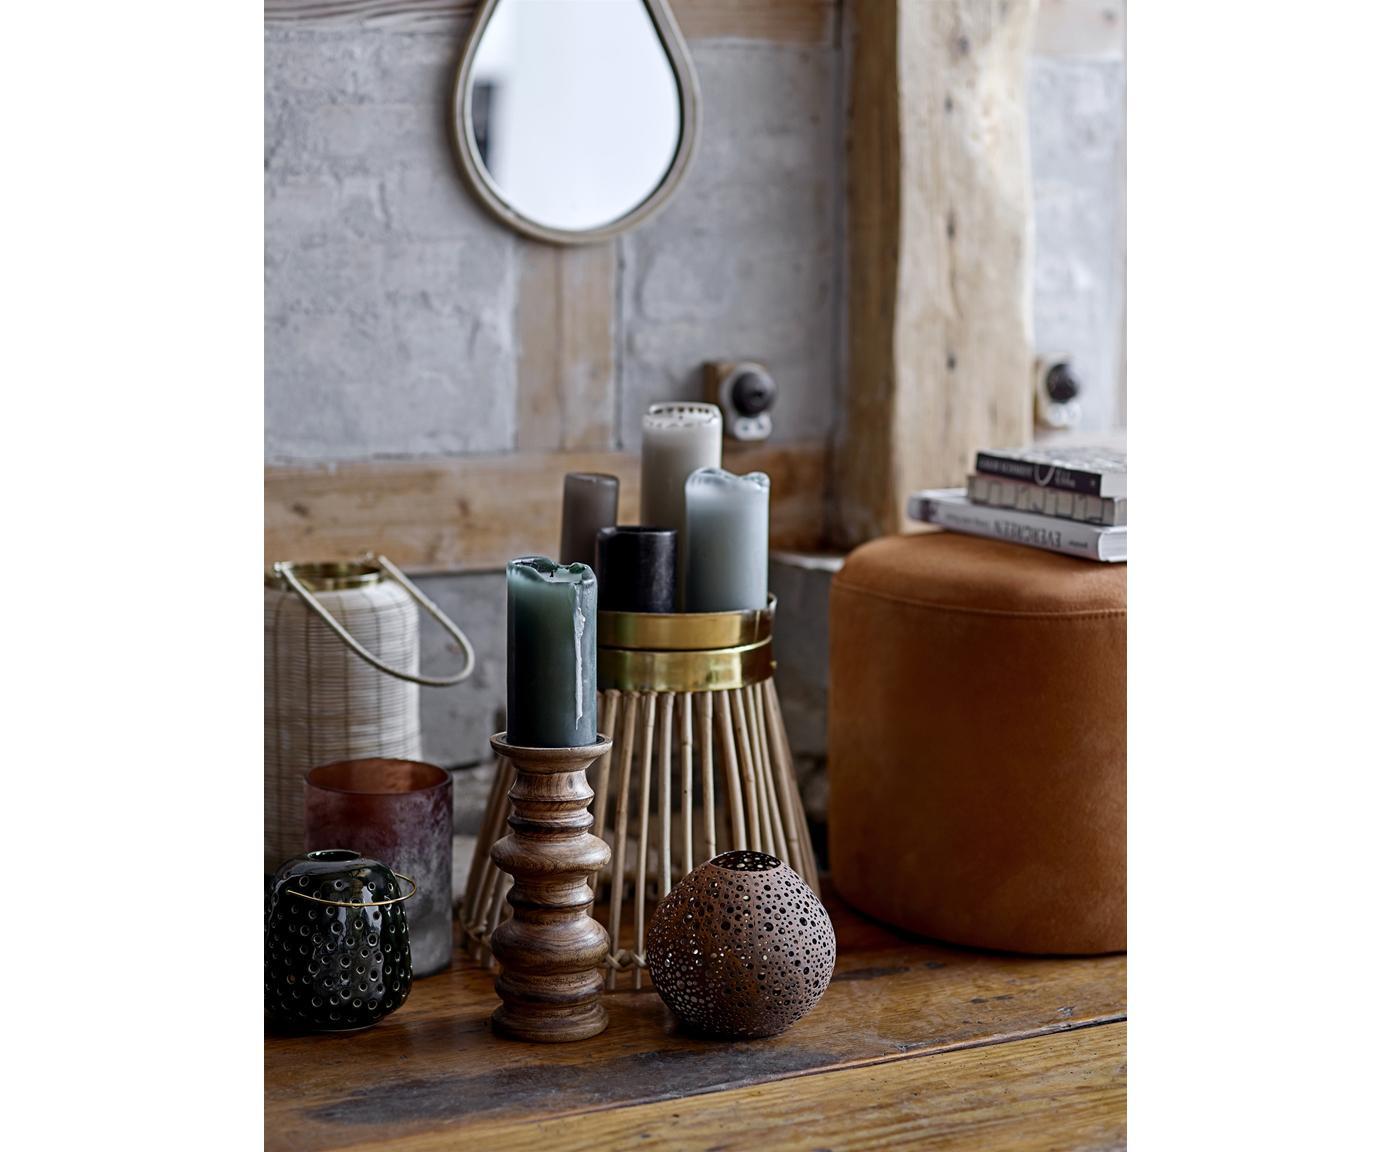 Świecznik Stili, Drewno mangowe, Brązowy, Ø 10 x W 25 cm